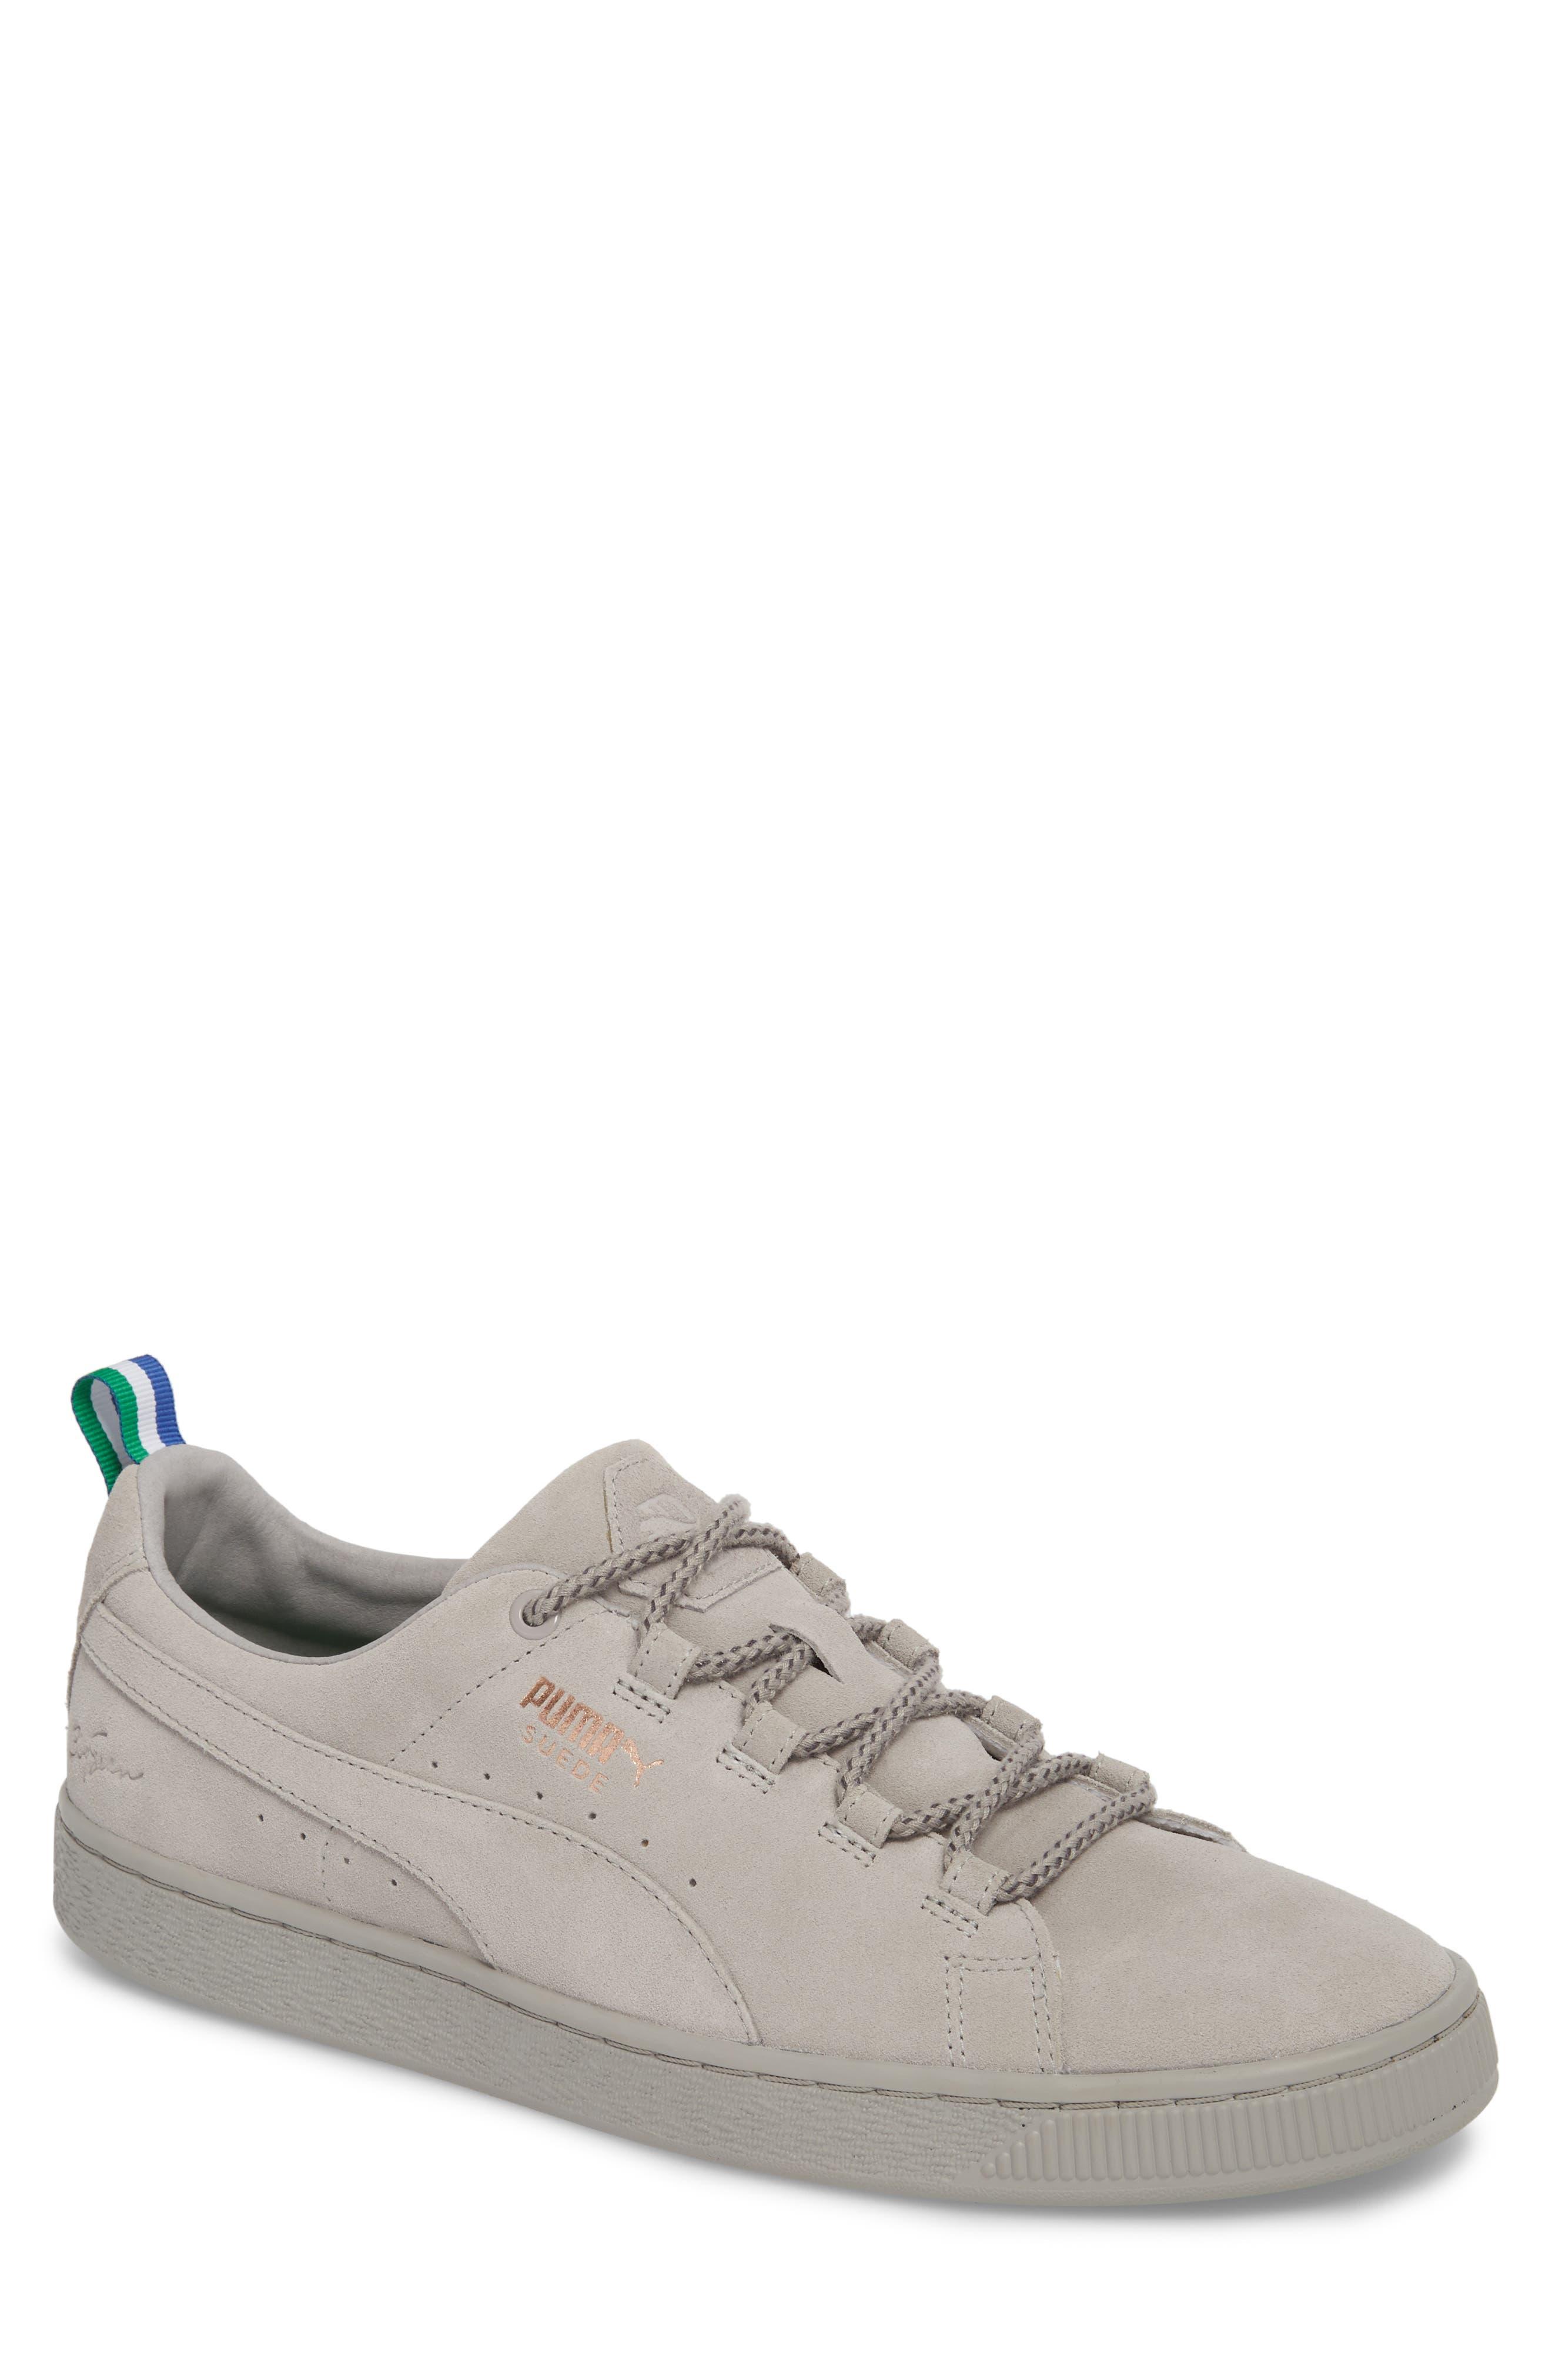 PUMA x Big Sean Suede Sneaker (Men)